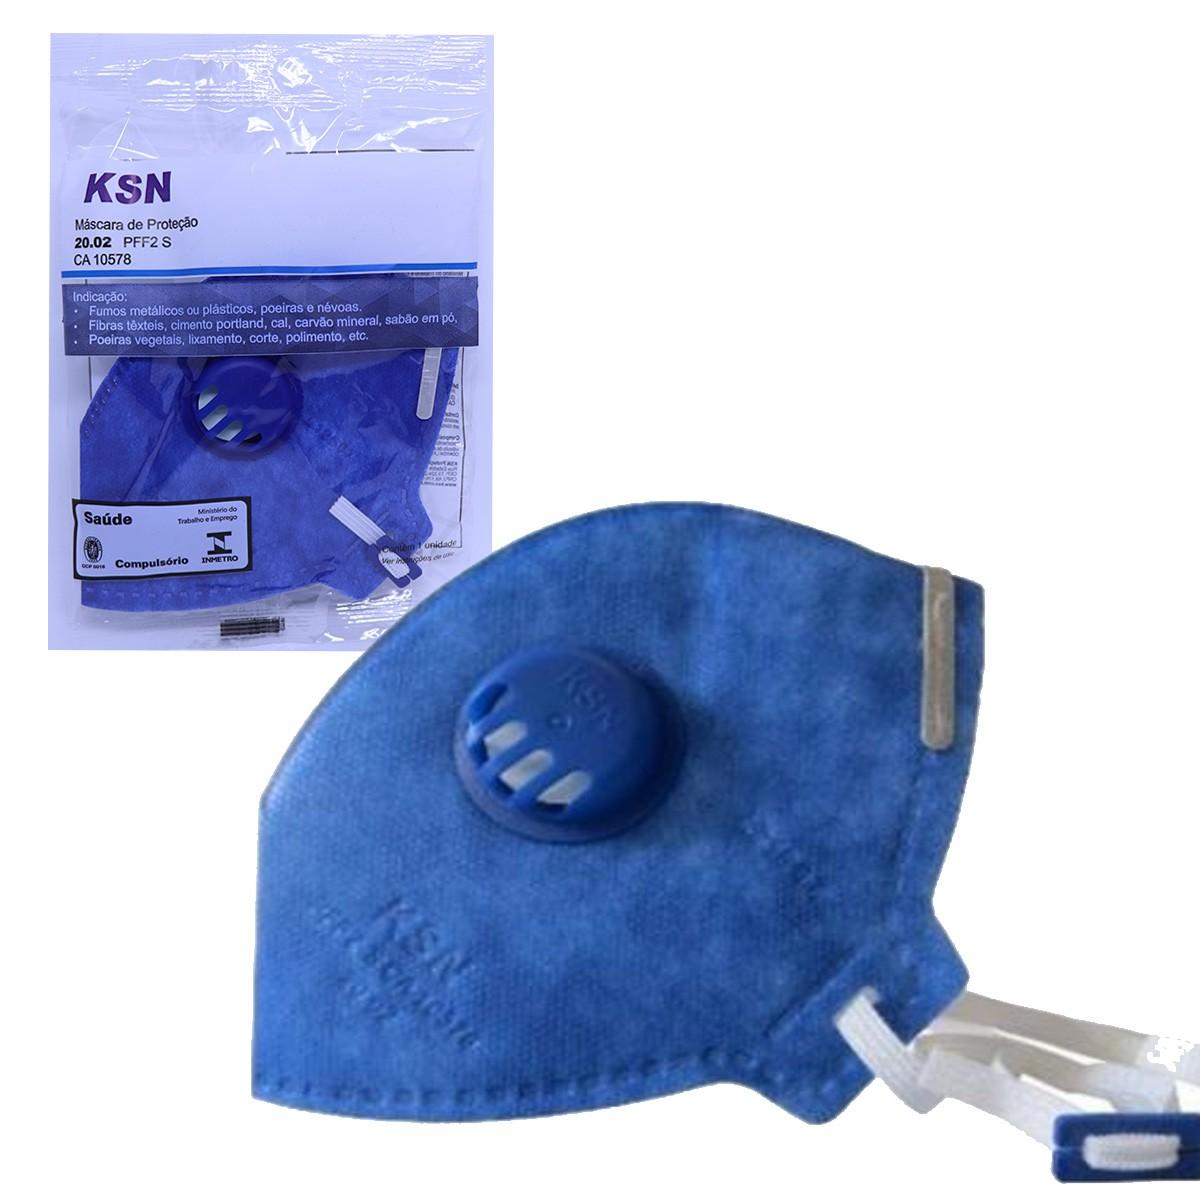 Máscara De Proteção Hospitalar Ksn N95 PFF2 Inmetro c/ Válvula CA 10578